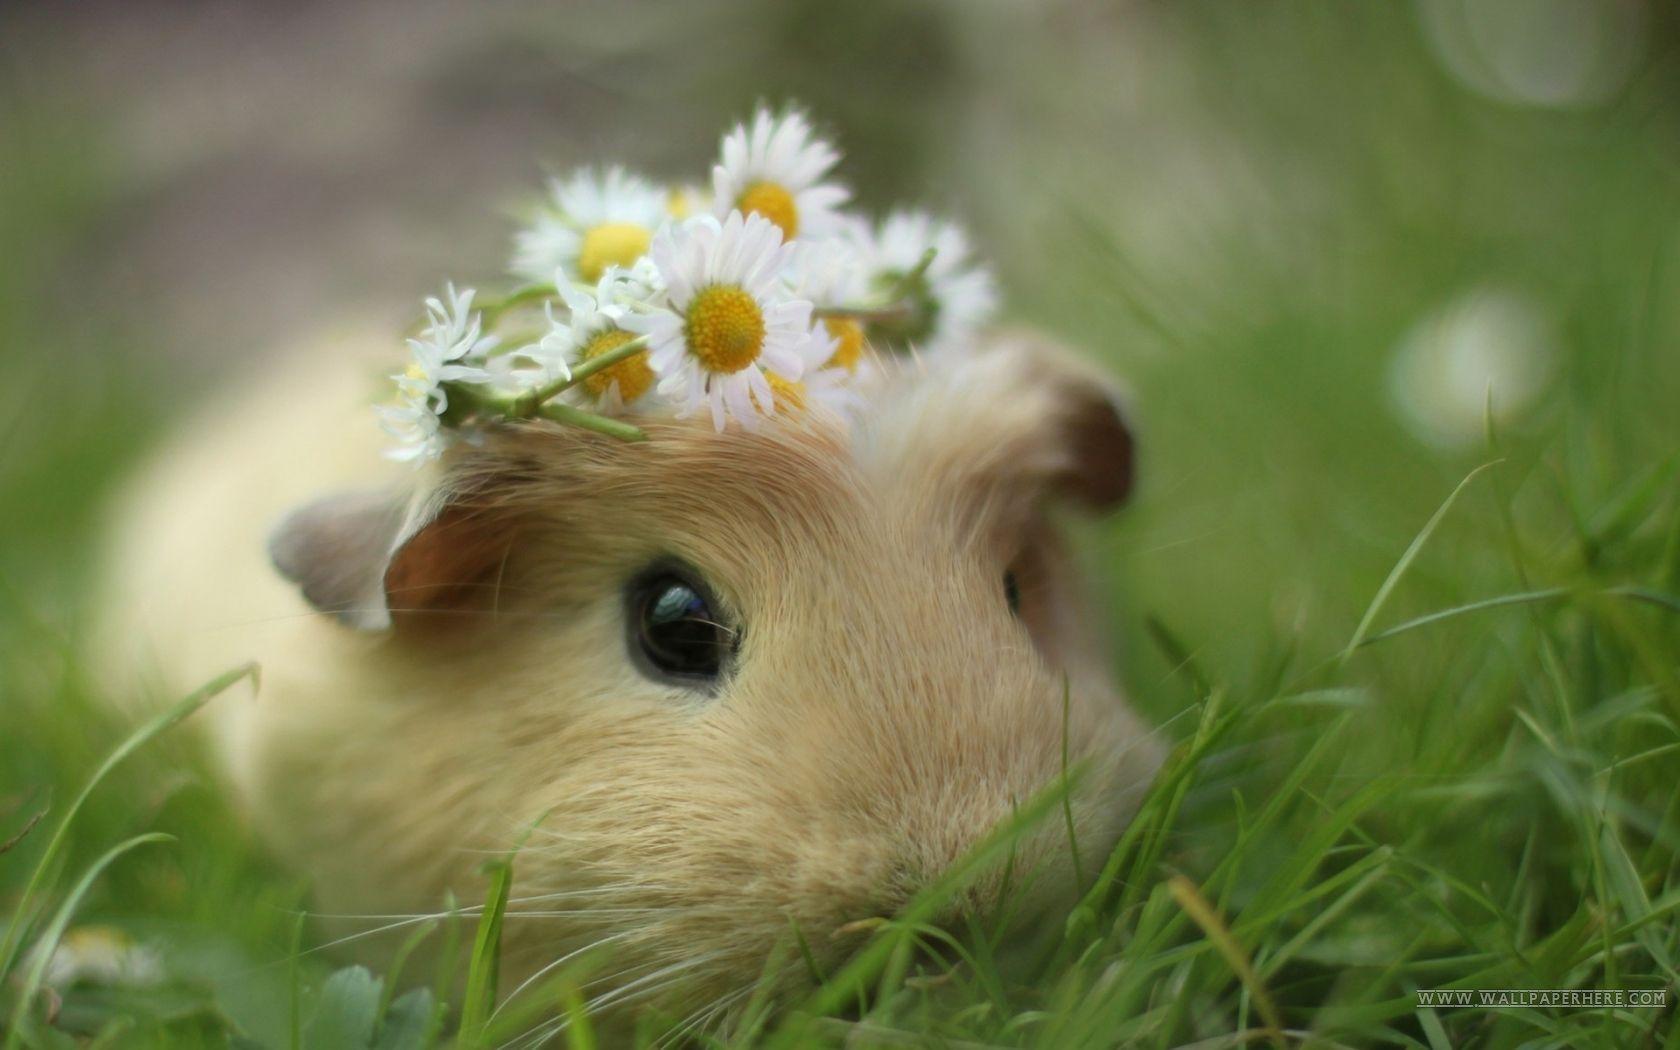 Cute Animal Desktop Wallpapers Top Free Cute Animal